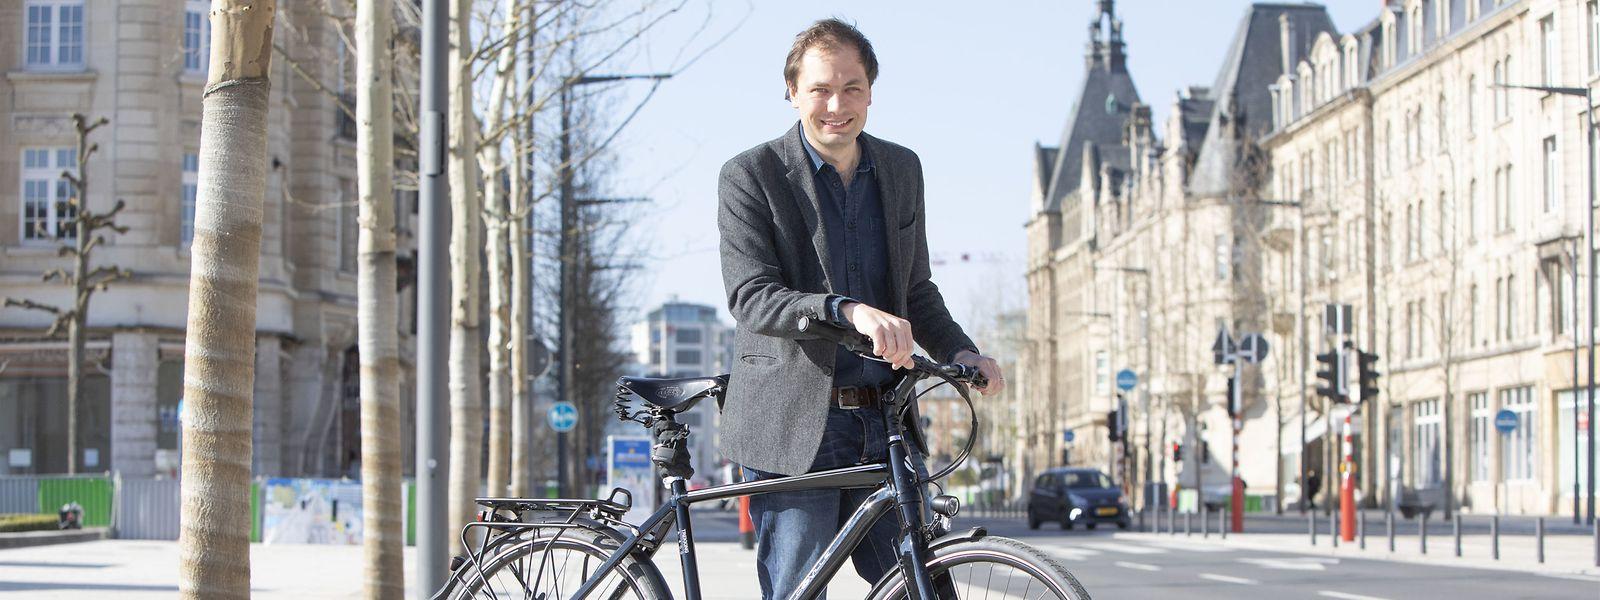 Das Fahrrad als ideales Fortbewegungsmittel: François Benoy hofft, mit konkreten Plänen Bewegung ins Spiel zu bringen.